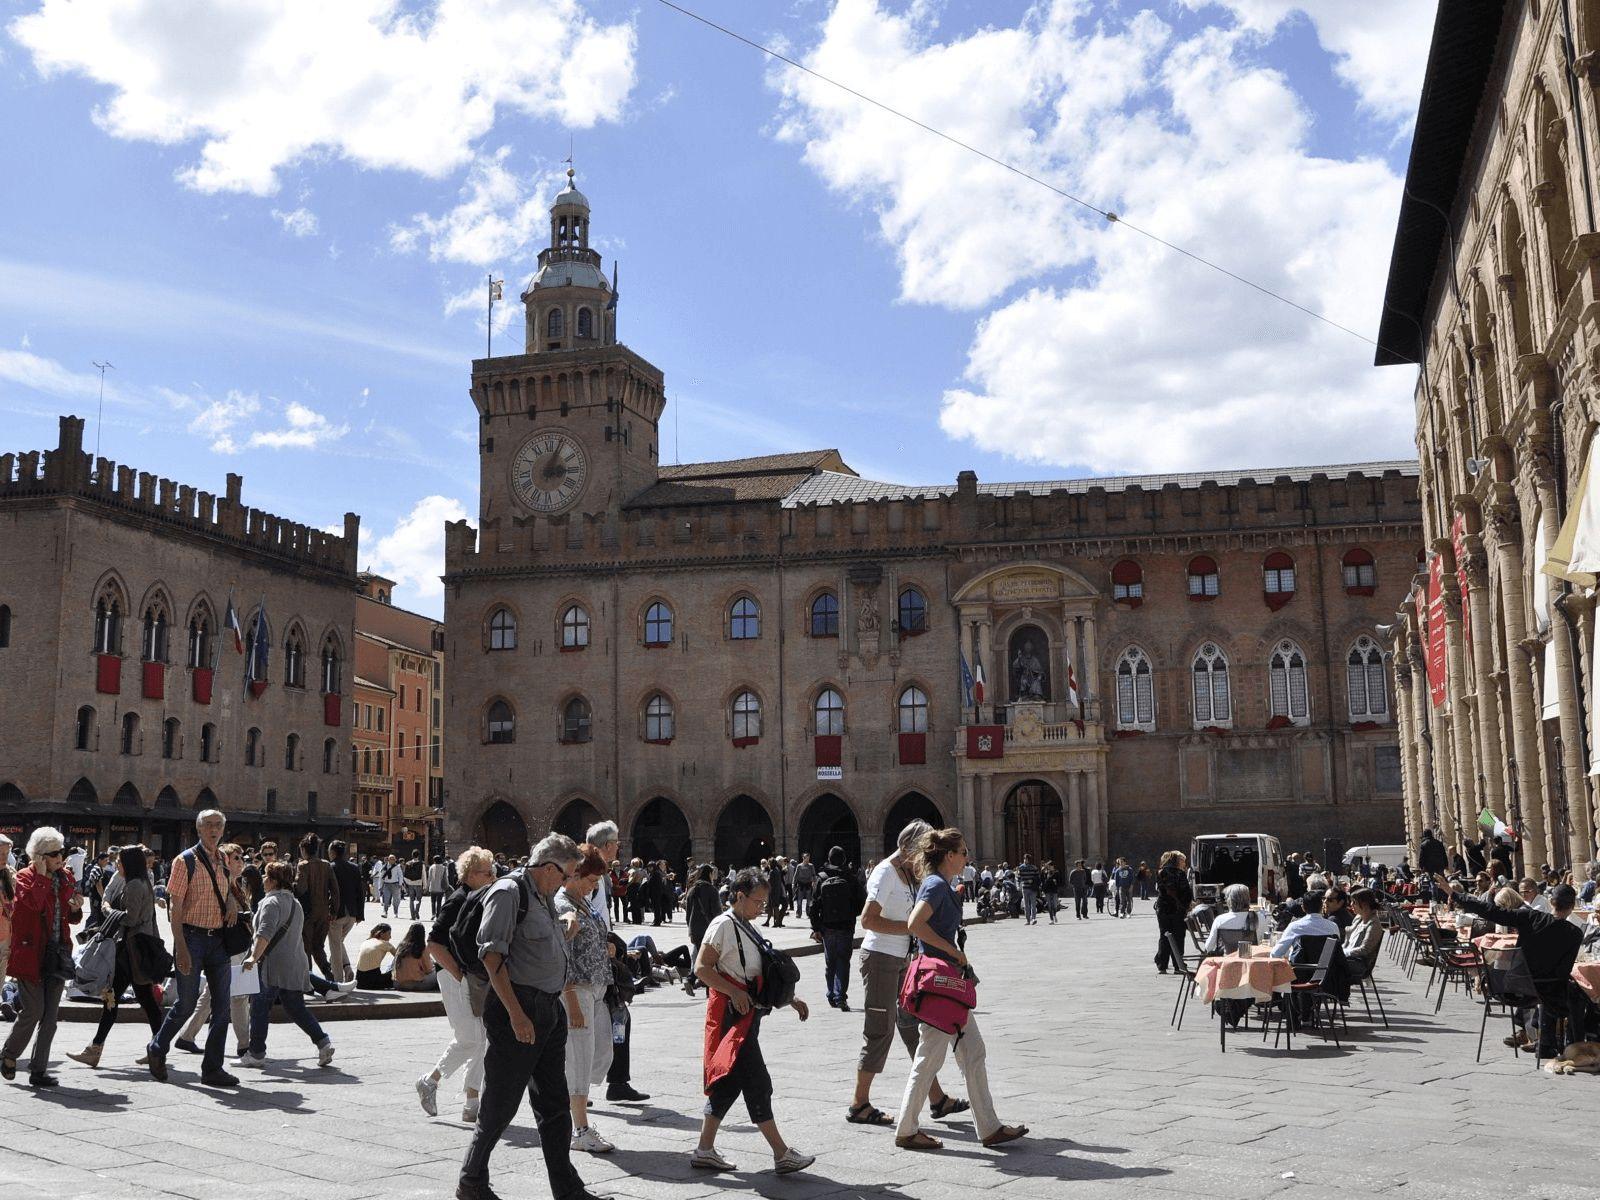 Sjeverna Italija i ljetovalište Rimini: Bologna